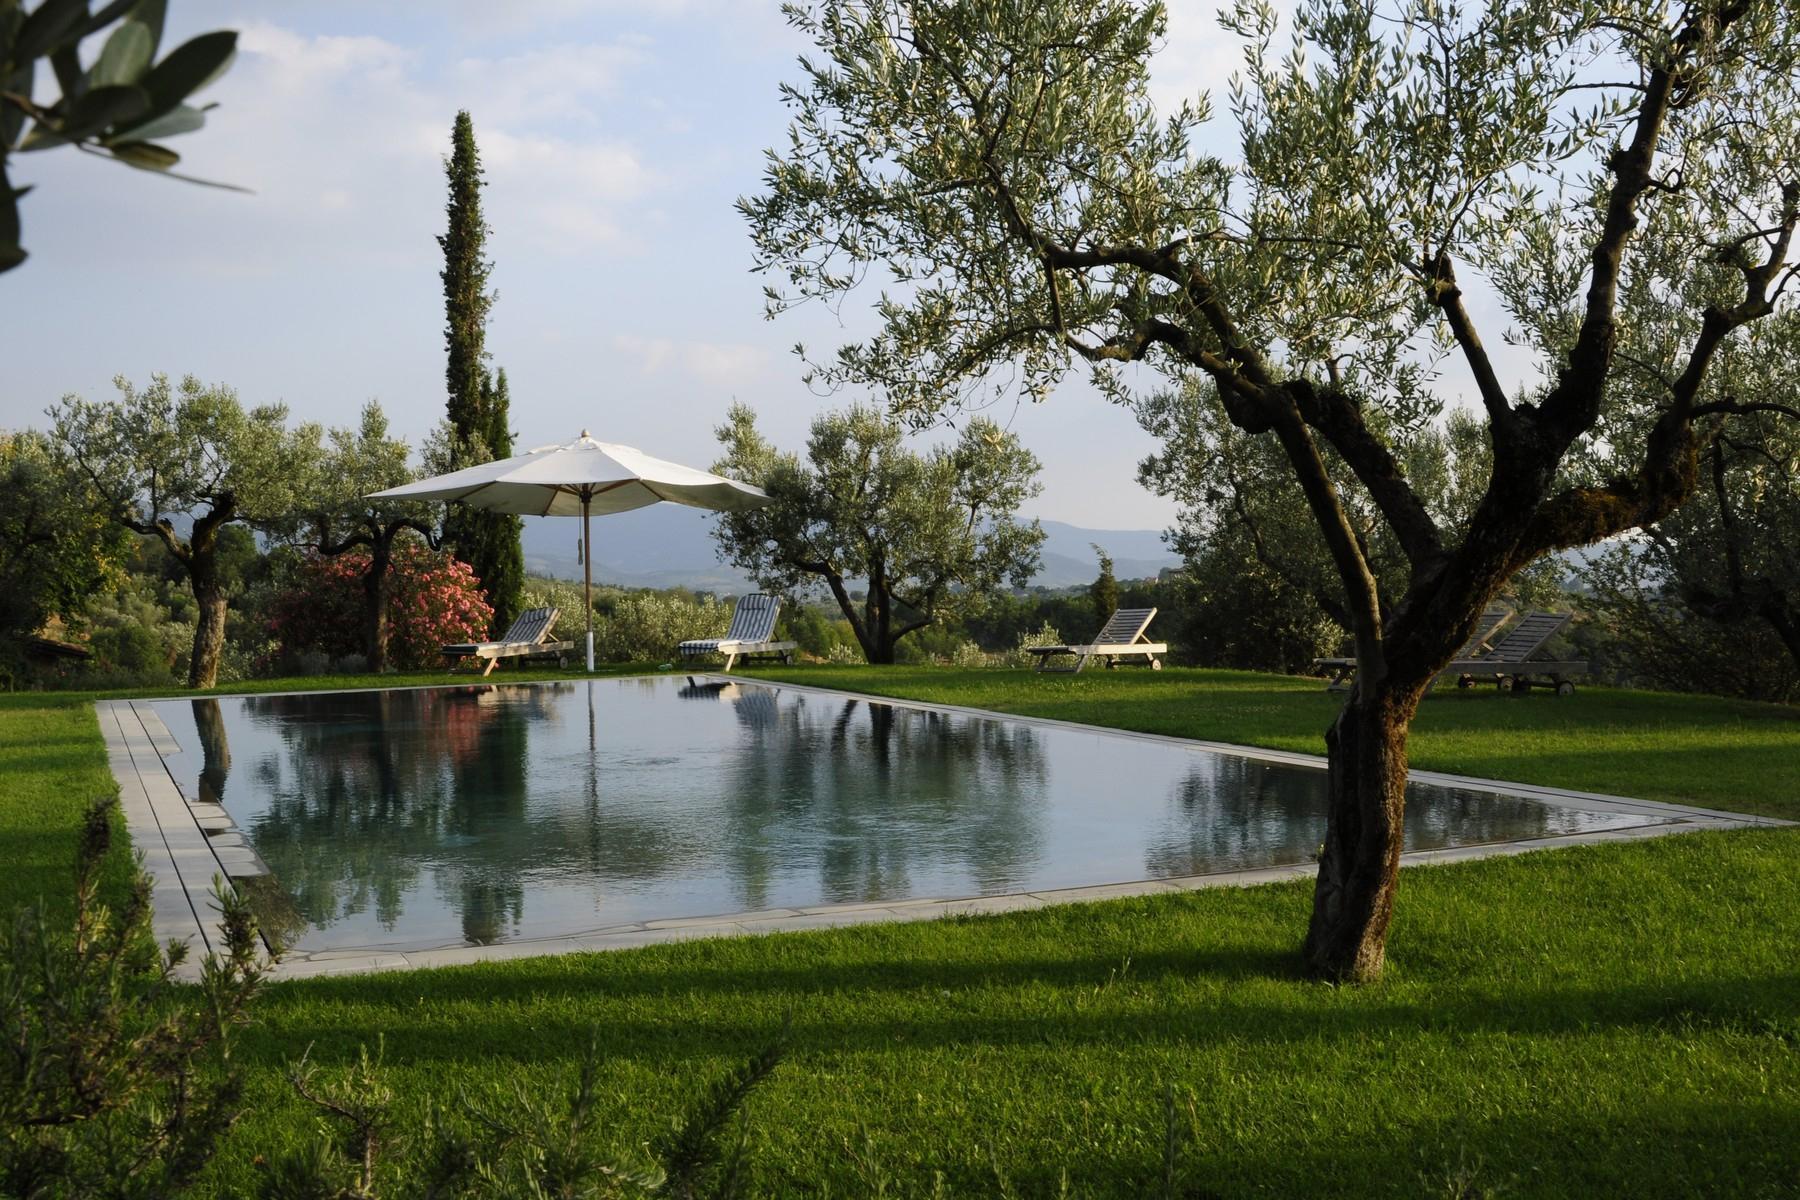 中世纪村庄Oliveto山顶上的雄壮宫殿 - 3